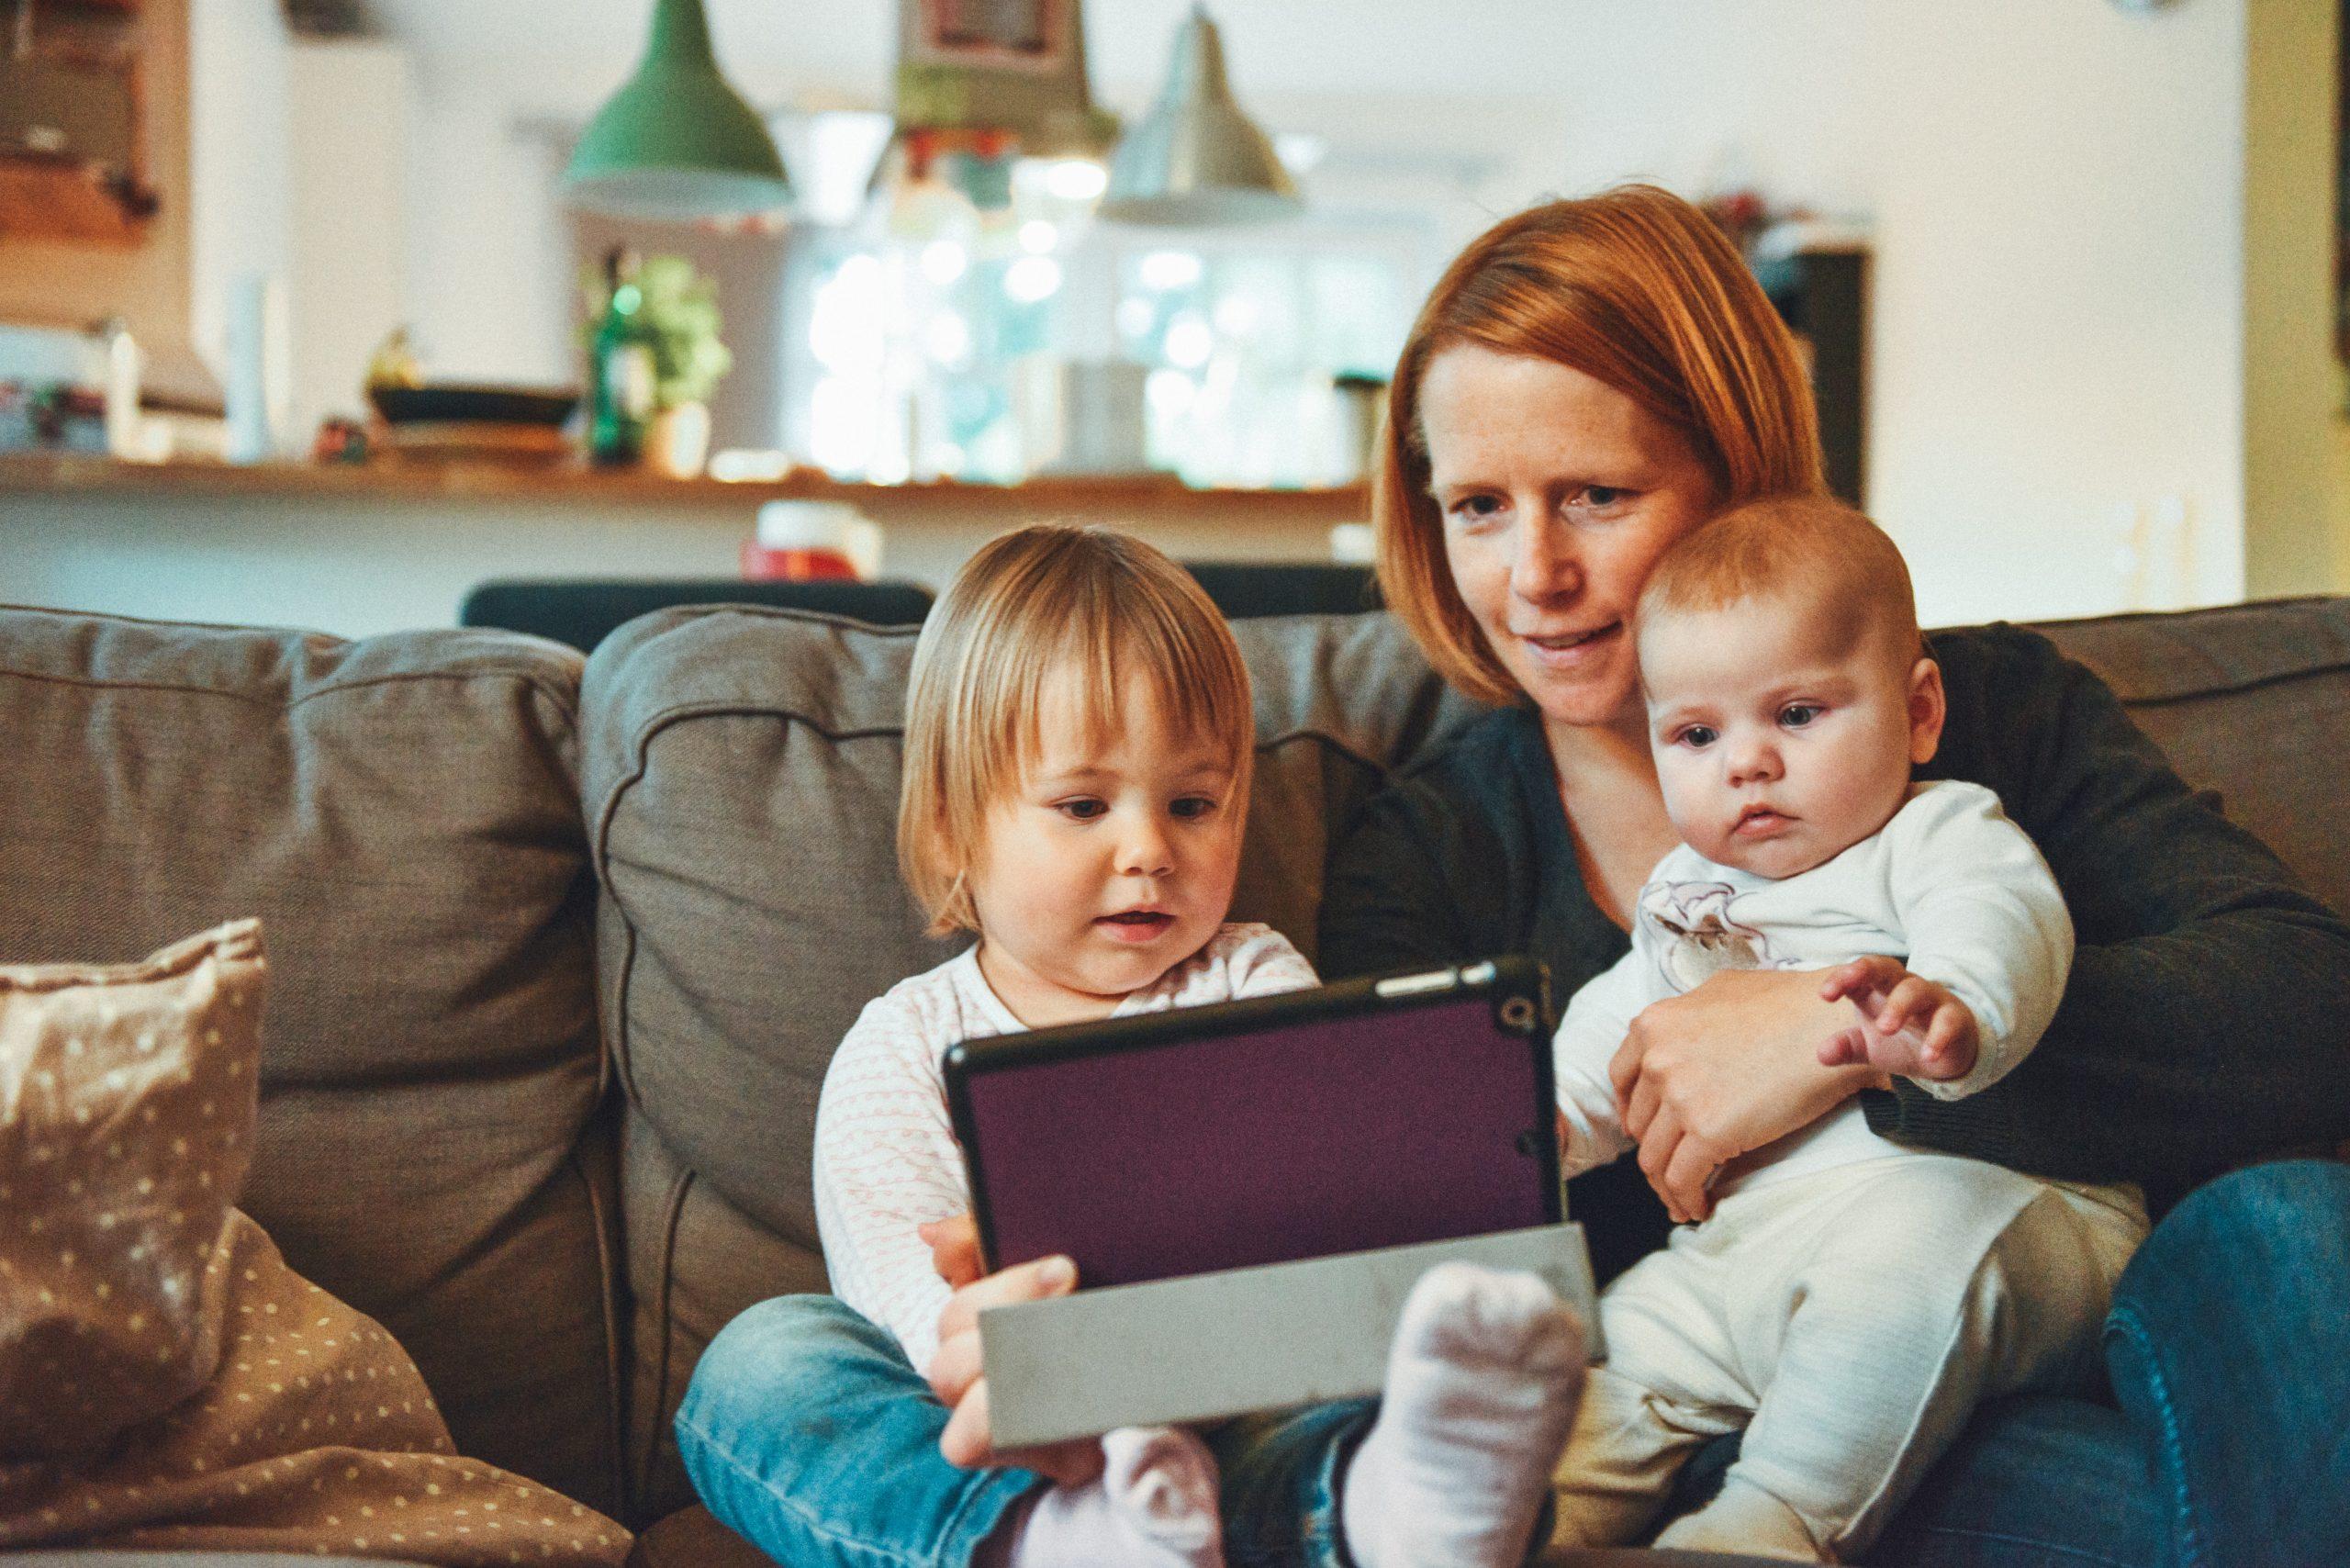 Leadership et femmes au foyer : 8 connections surprenantes